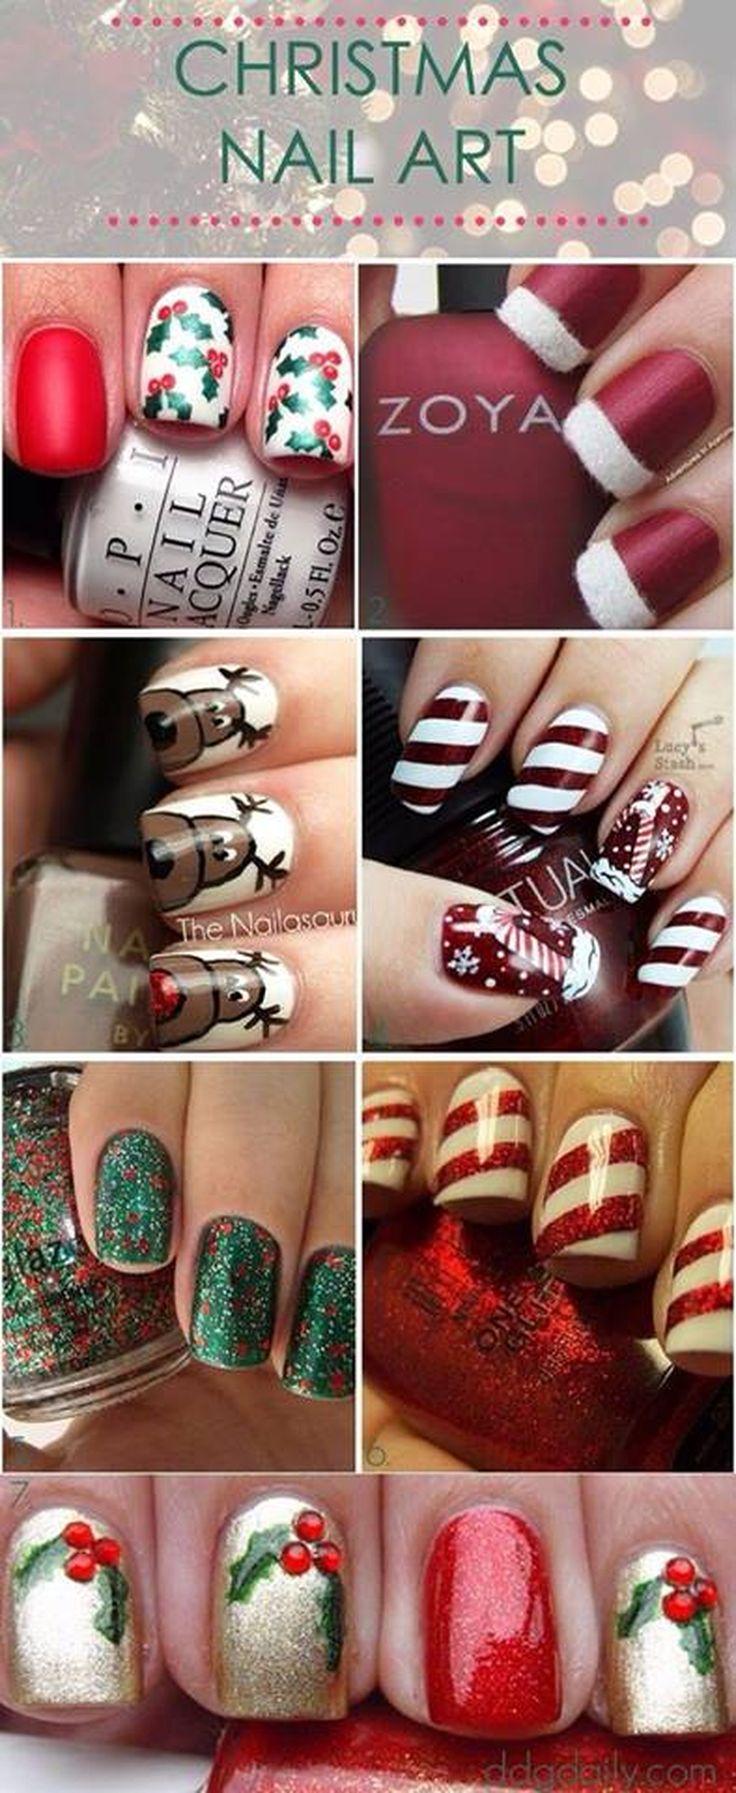 Świąteczne paznokcie to podstawa